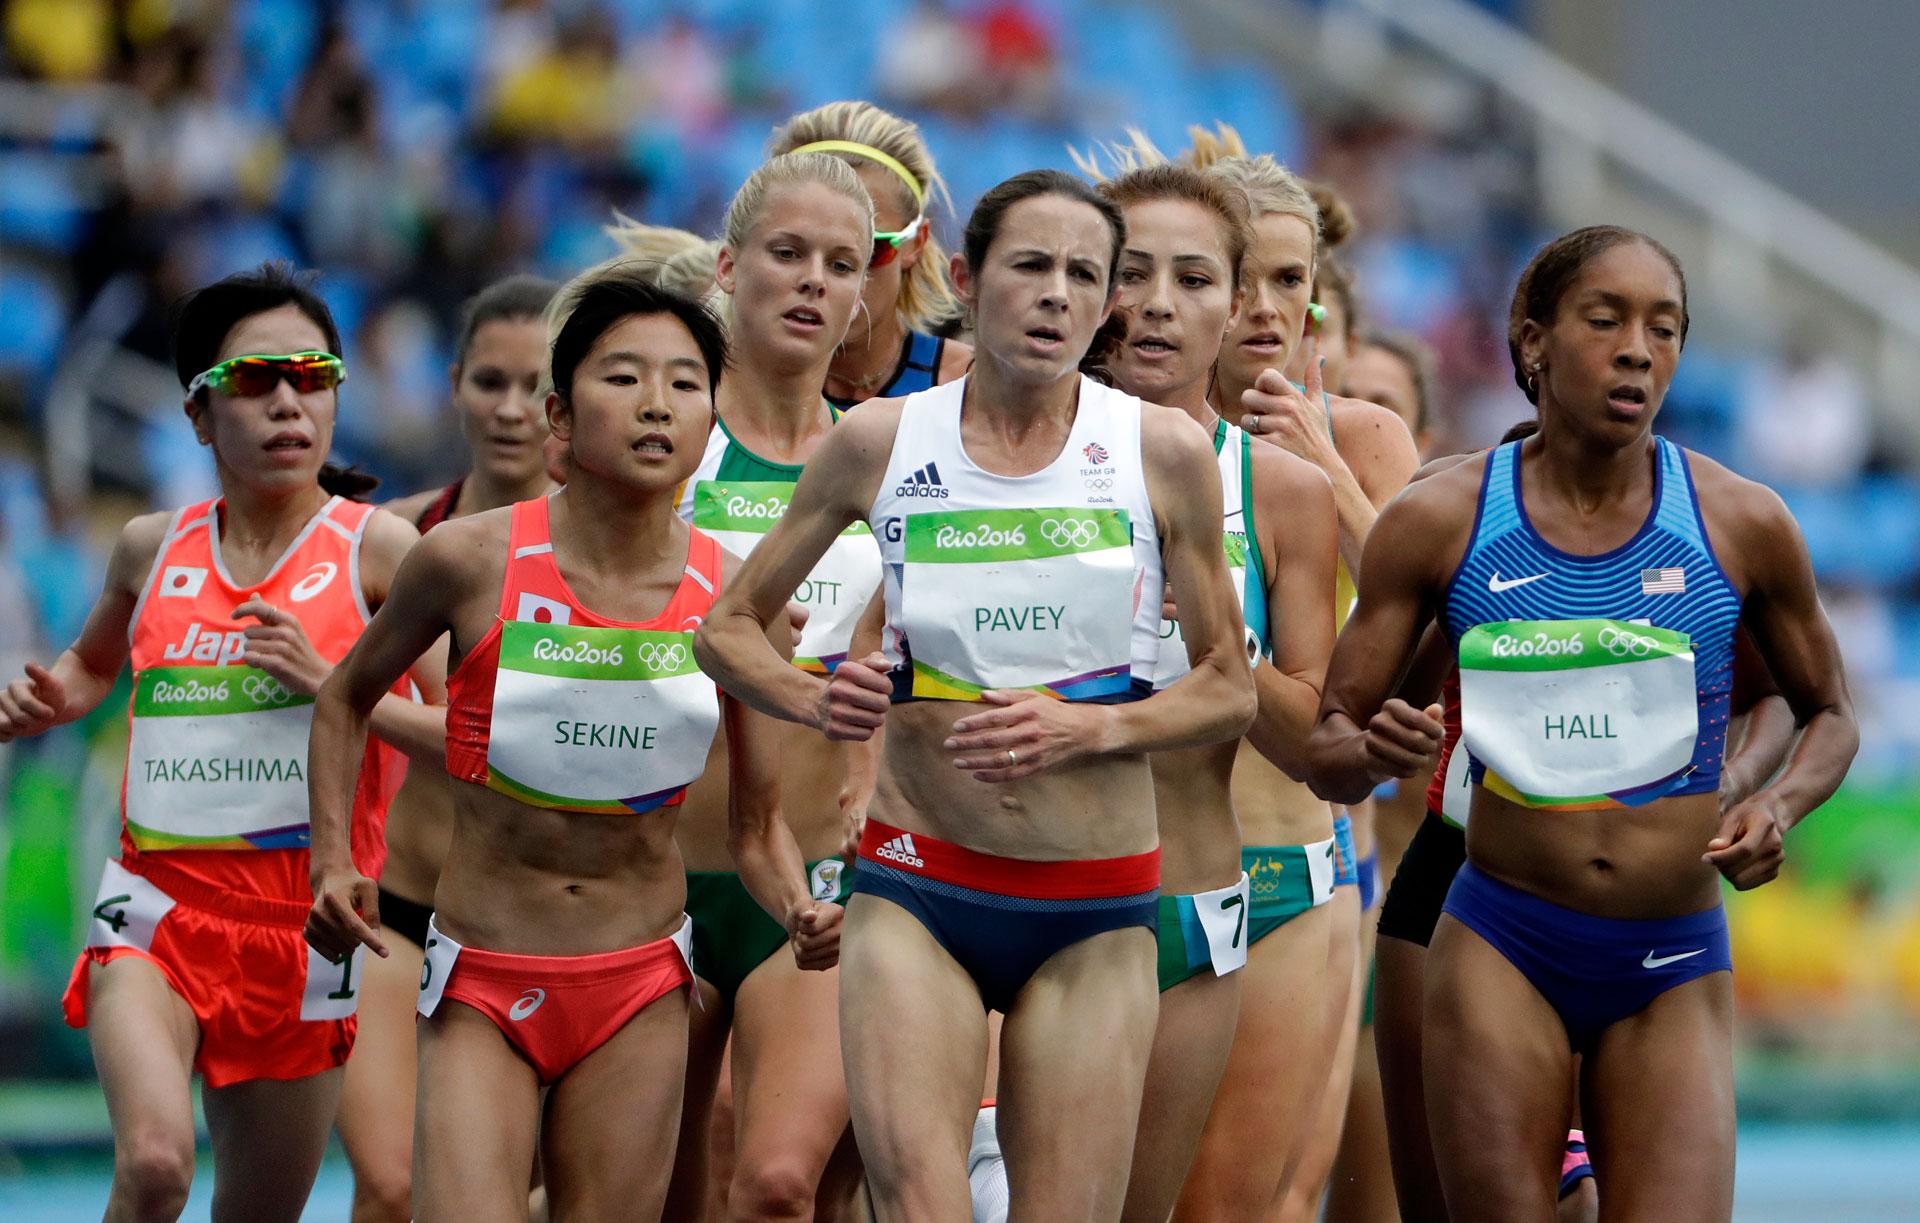 La británica Jo Pavey, de 42 años, se convirtió en la primera corredora de su país en competir en cinco Juegos Olímpicos, pese a que no ganó medallas (AP)